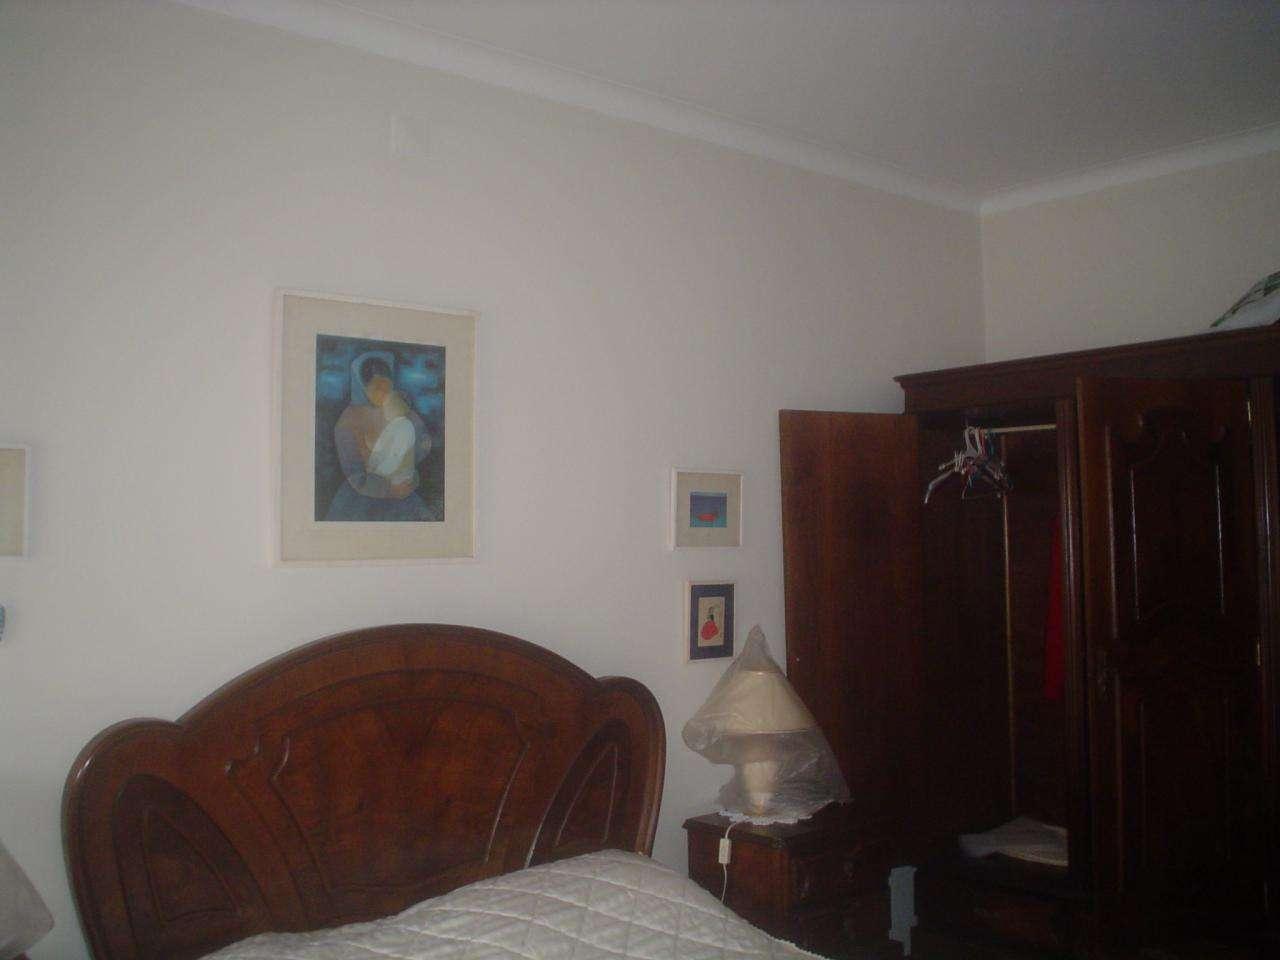 Apartamento para arrendar, Póvoa de Varzim, Beiriz e Argivai, Porto - Foto 2